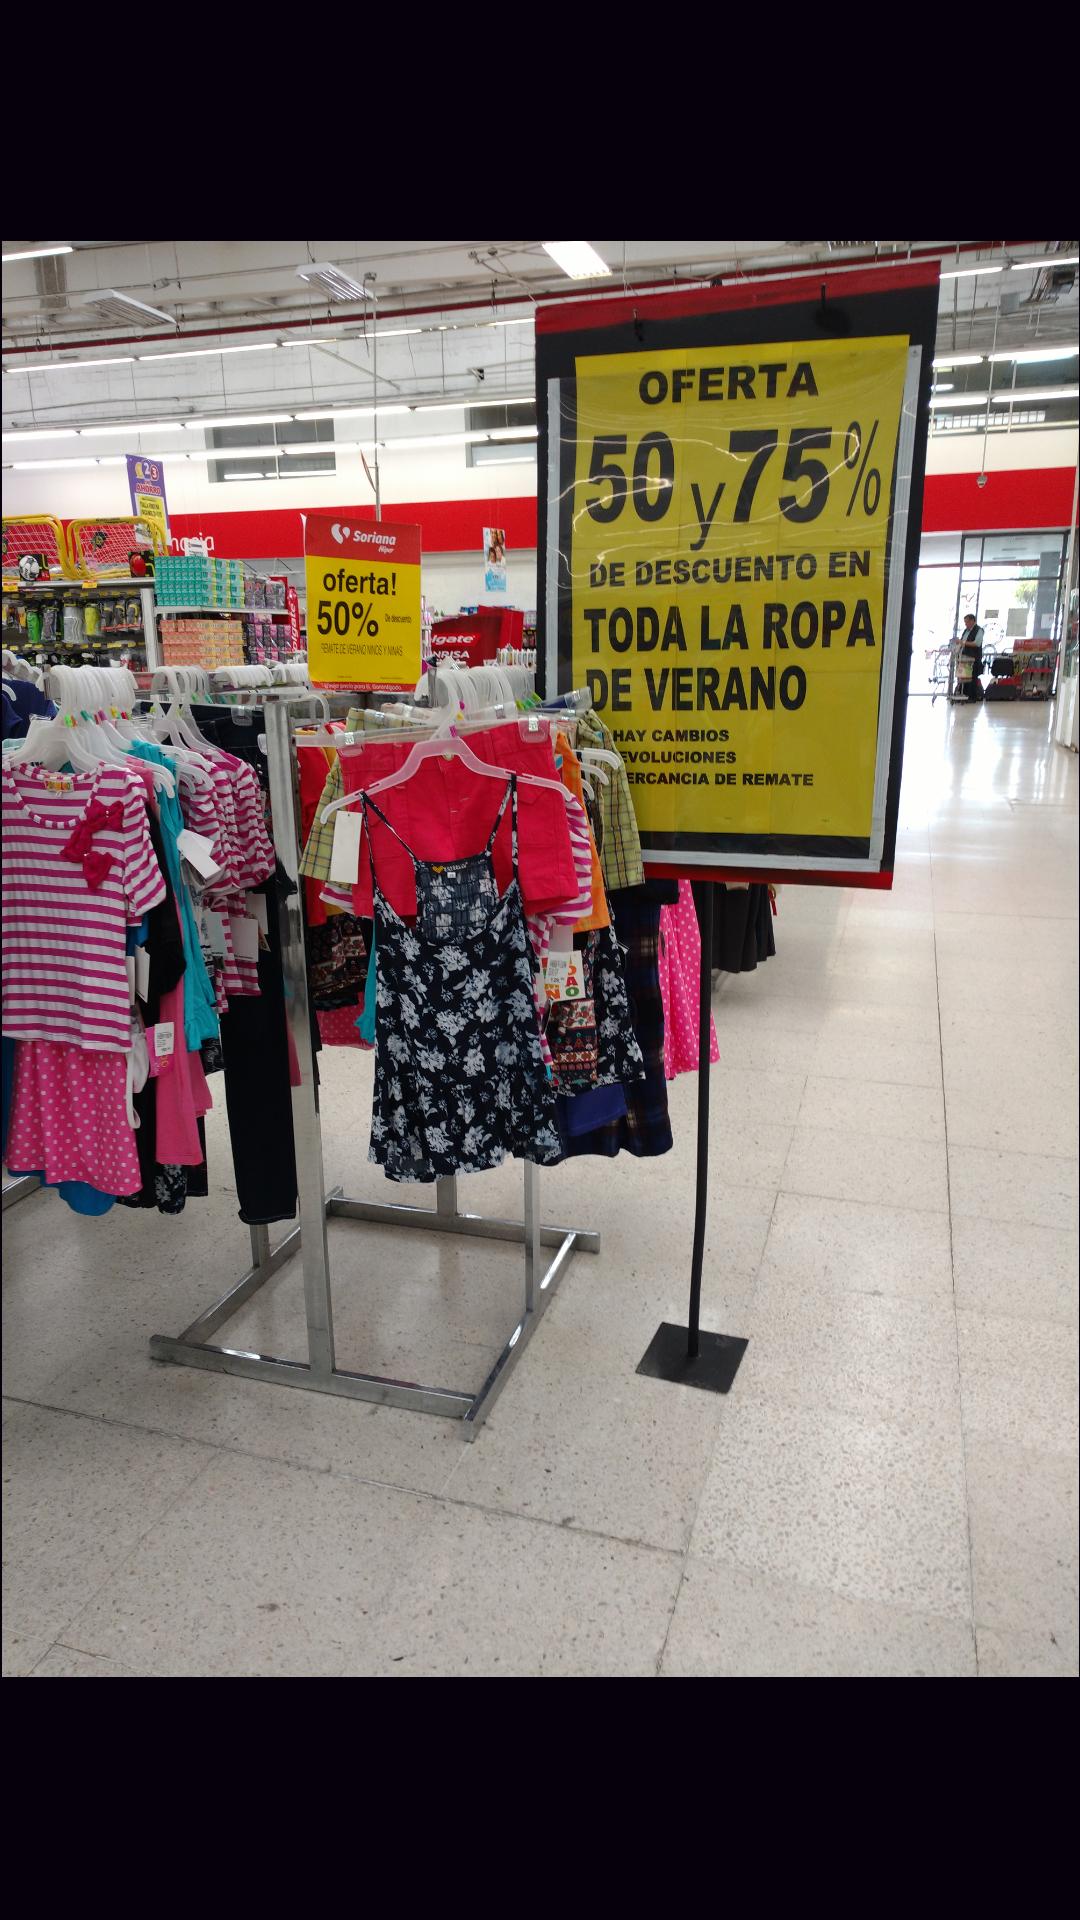 Soriana Hiper Consulado CDMX: hasta 75% de descuento en ropa de verano